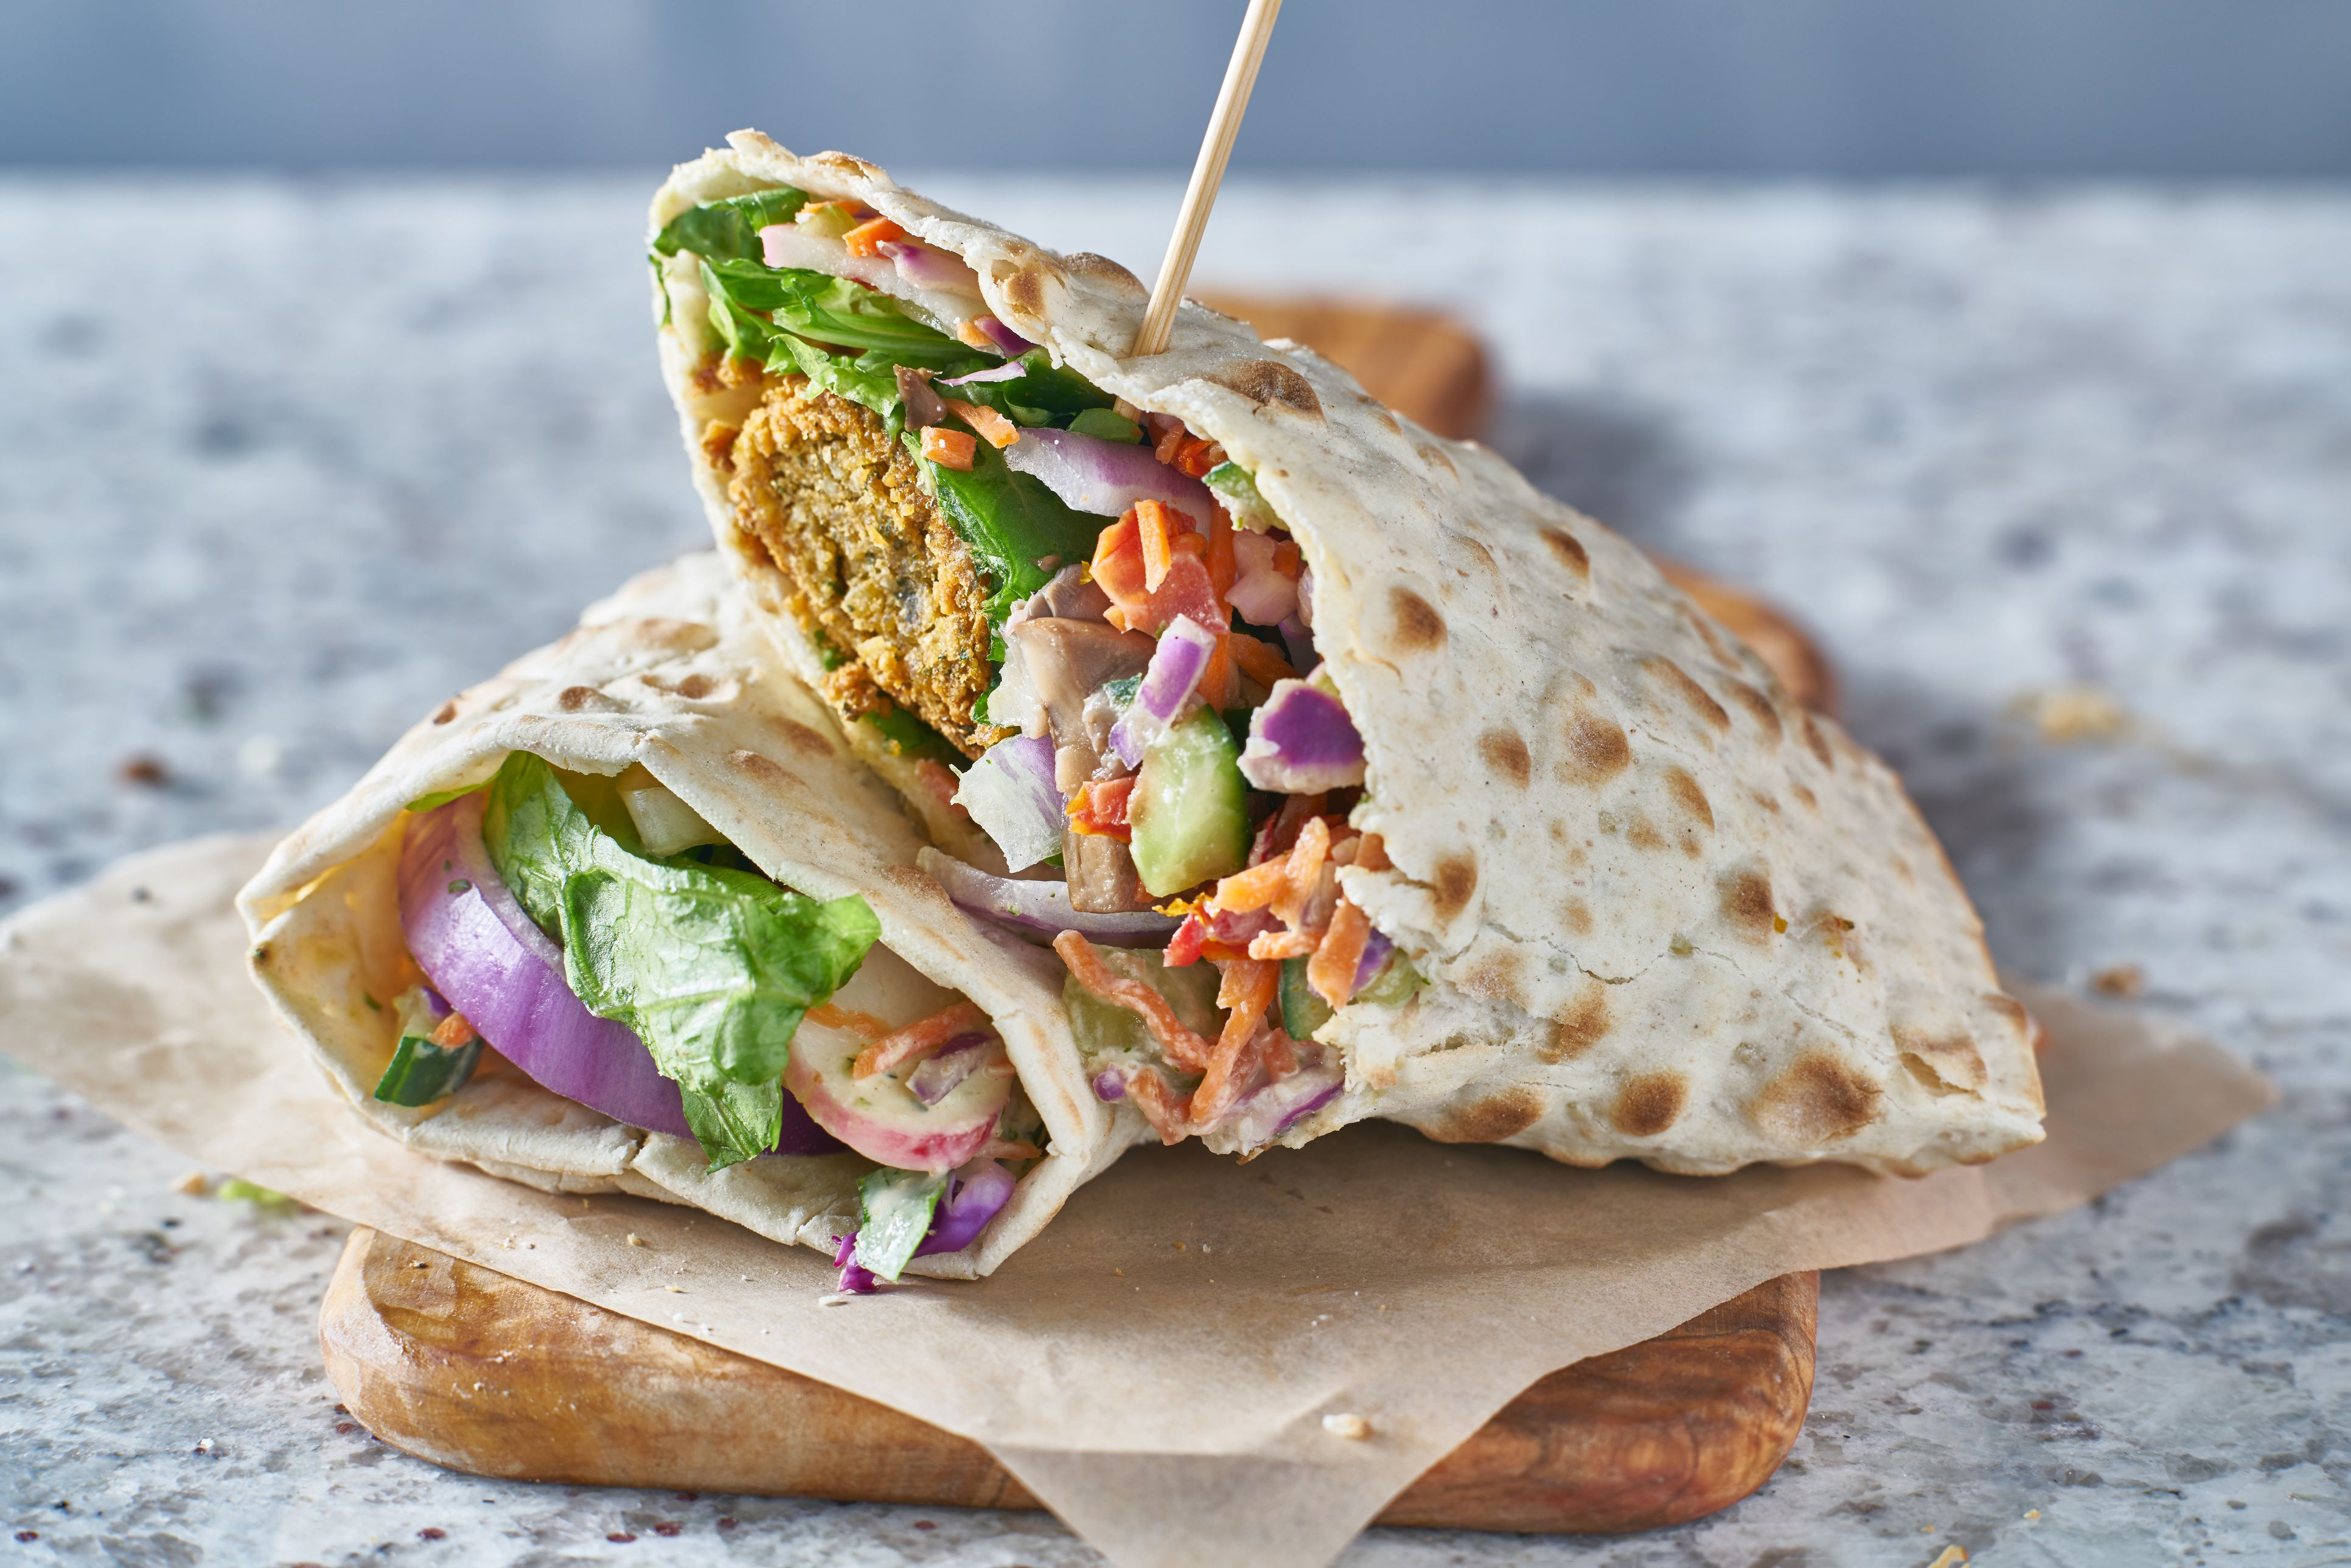 Tasty falafel wrap